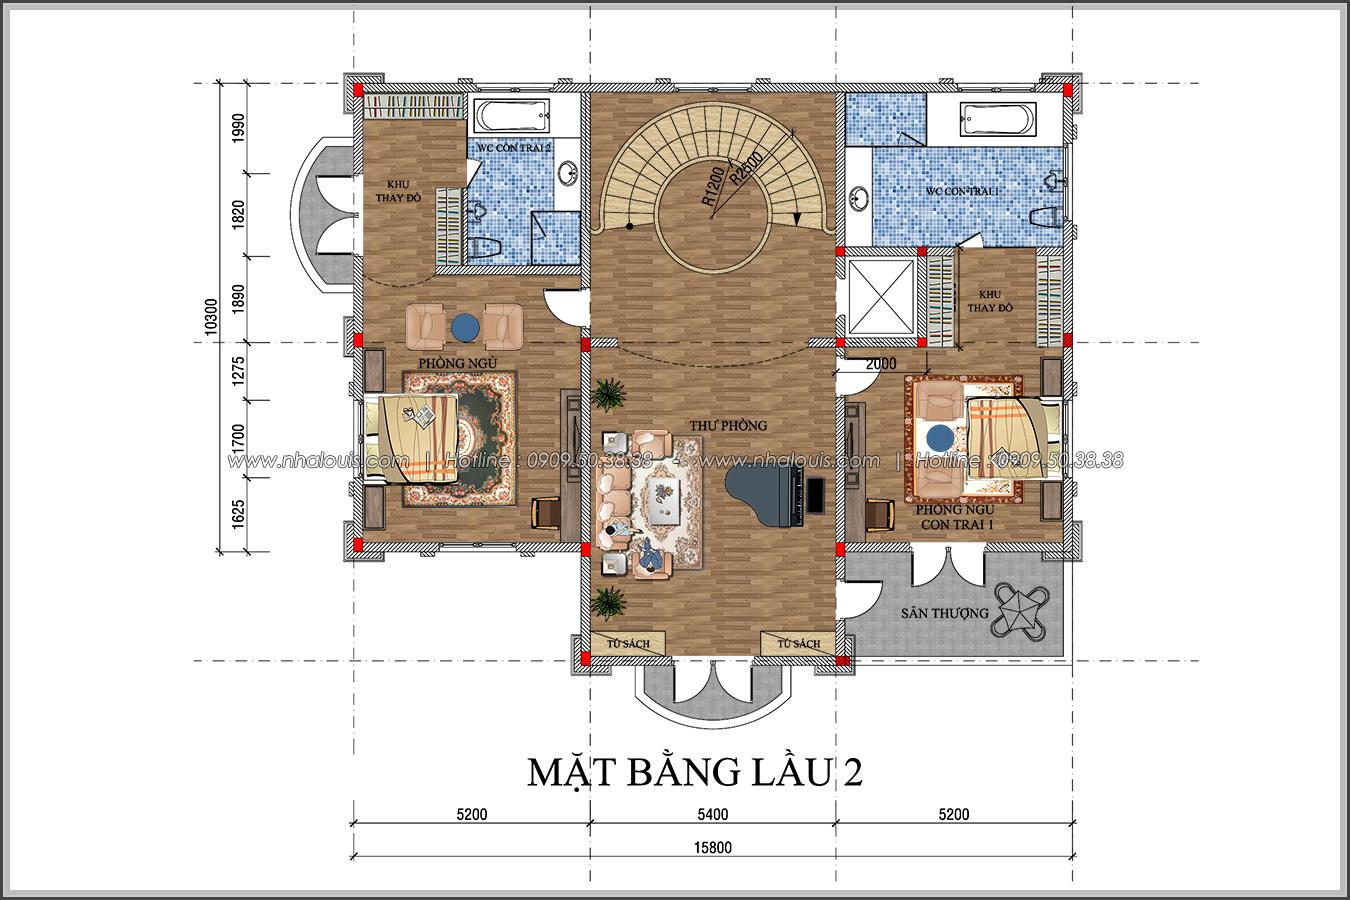 Đẳng cấp đích thực trong thiết kế biệt thự cổ điển 3 tầng tại Bình Tân - 7